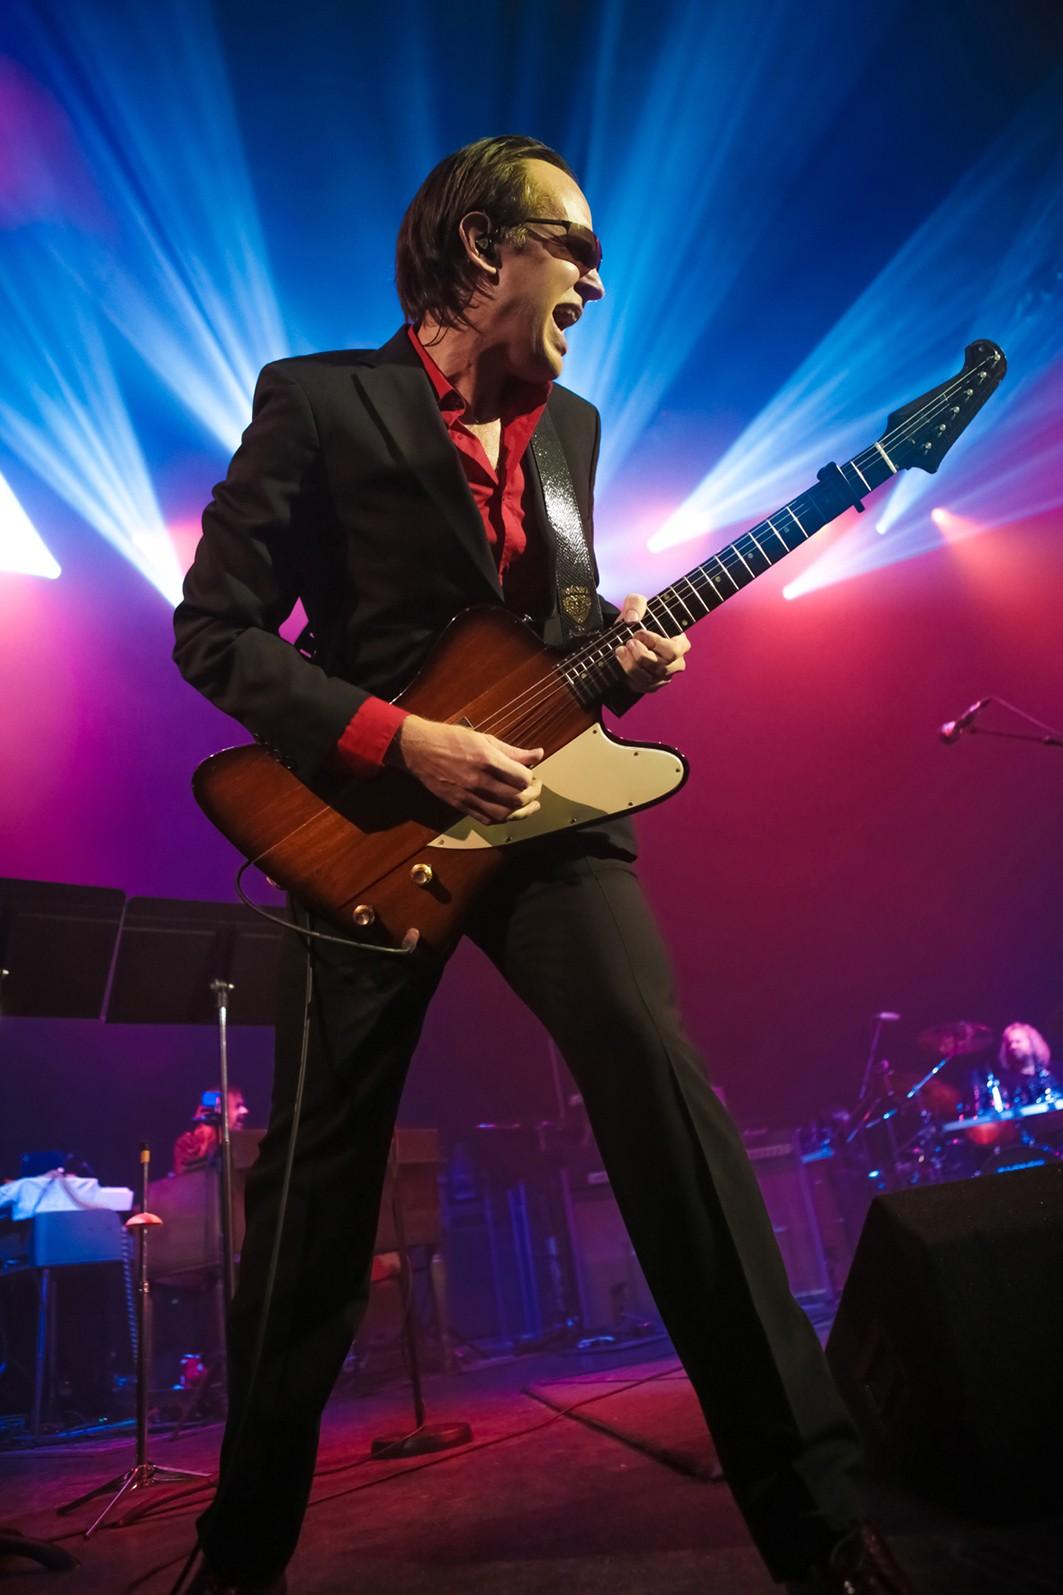 , Joe Bonamassa, Joe Satriani und weitere Rockgitarristen im Juni 2014 auf der Loreley